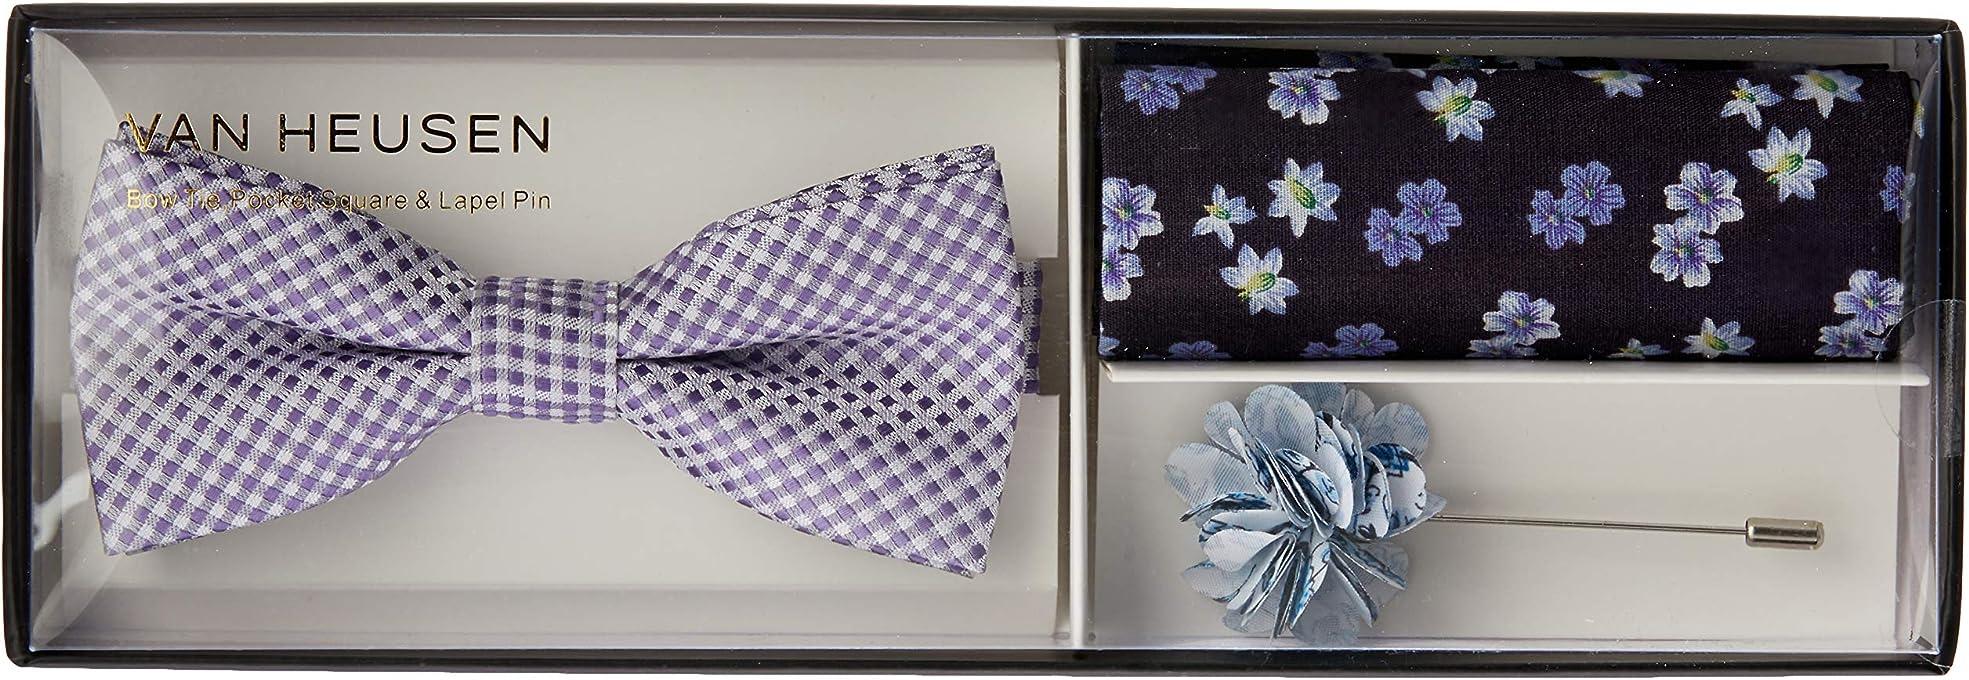 Van Heusen Men's Bow Tie Accessories Gift Pack, Purple, One Size